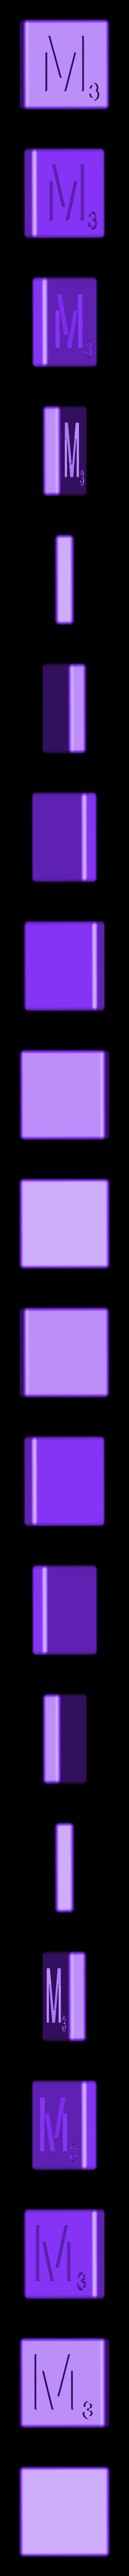 Dual_Shell_M.STL Télécharger fichier STL gratuit Pièces et support SCRABBBLE • Design pour imprimante 3D, Balkhagal4D